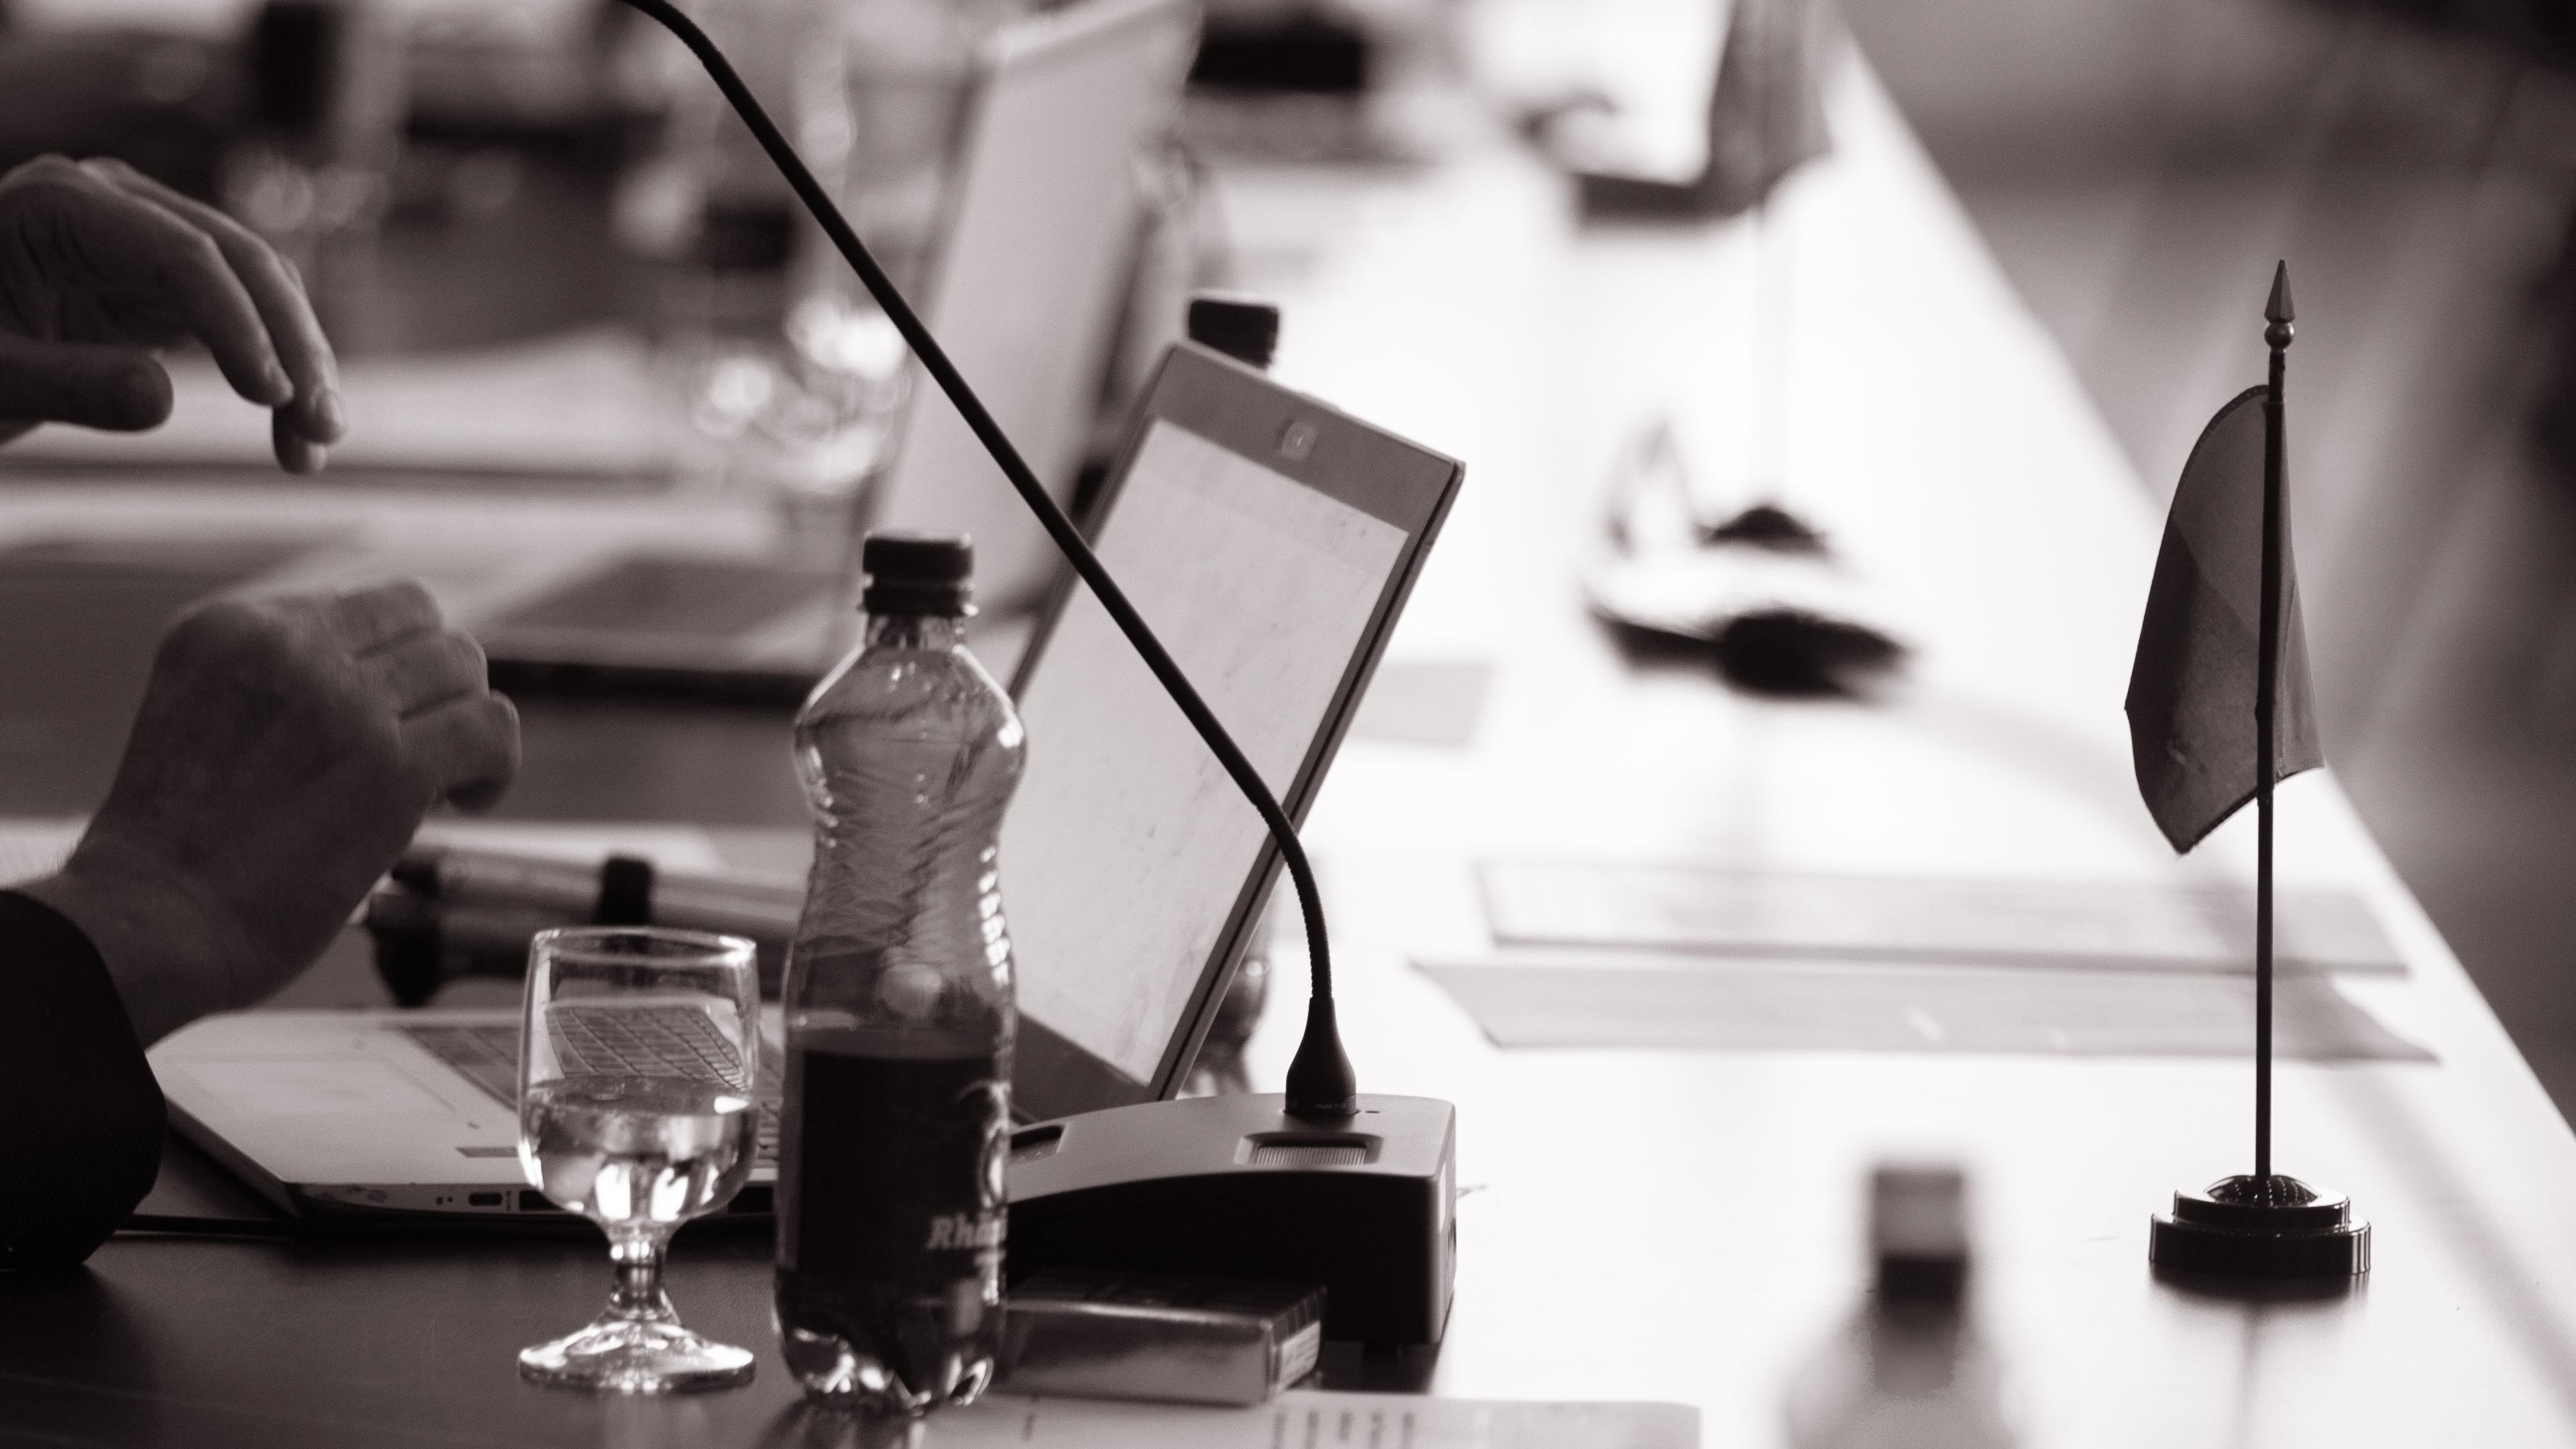 Detailsicht Tisch während Plenarversammlung; Laptop, Mikrofon, Wasserflasche und -glas, Wimpel